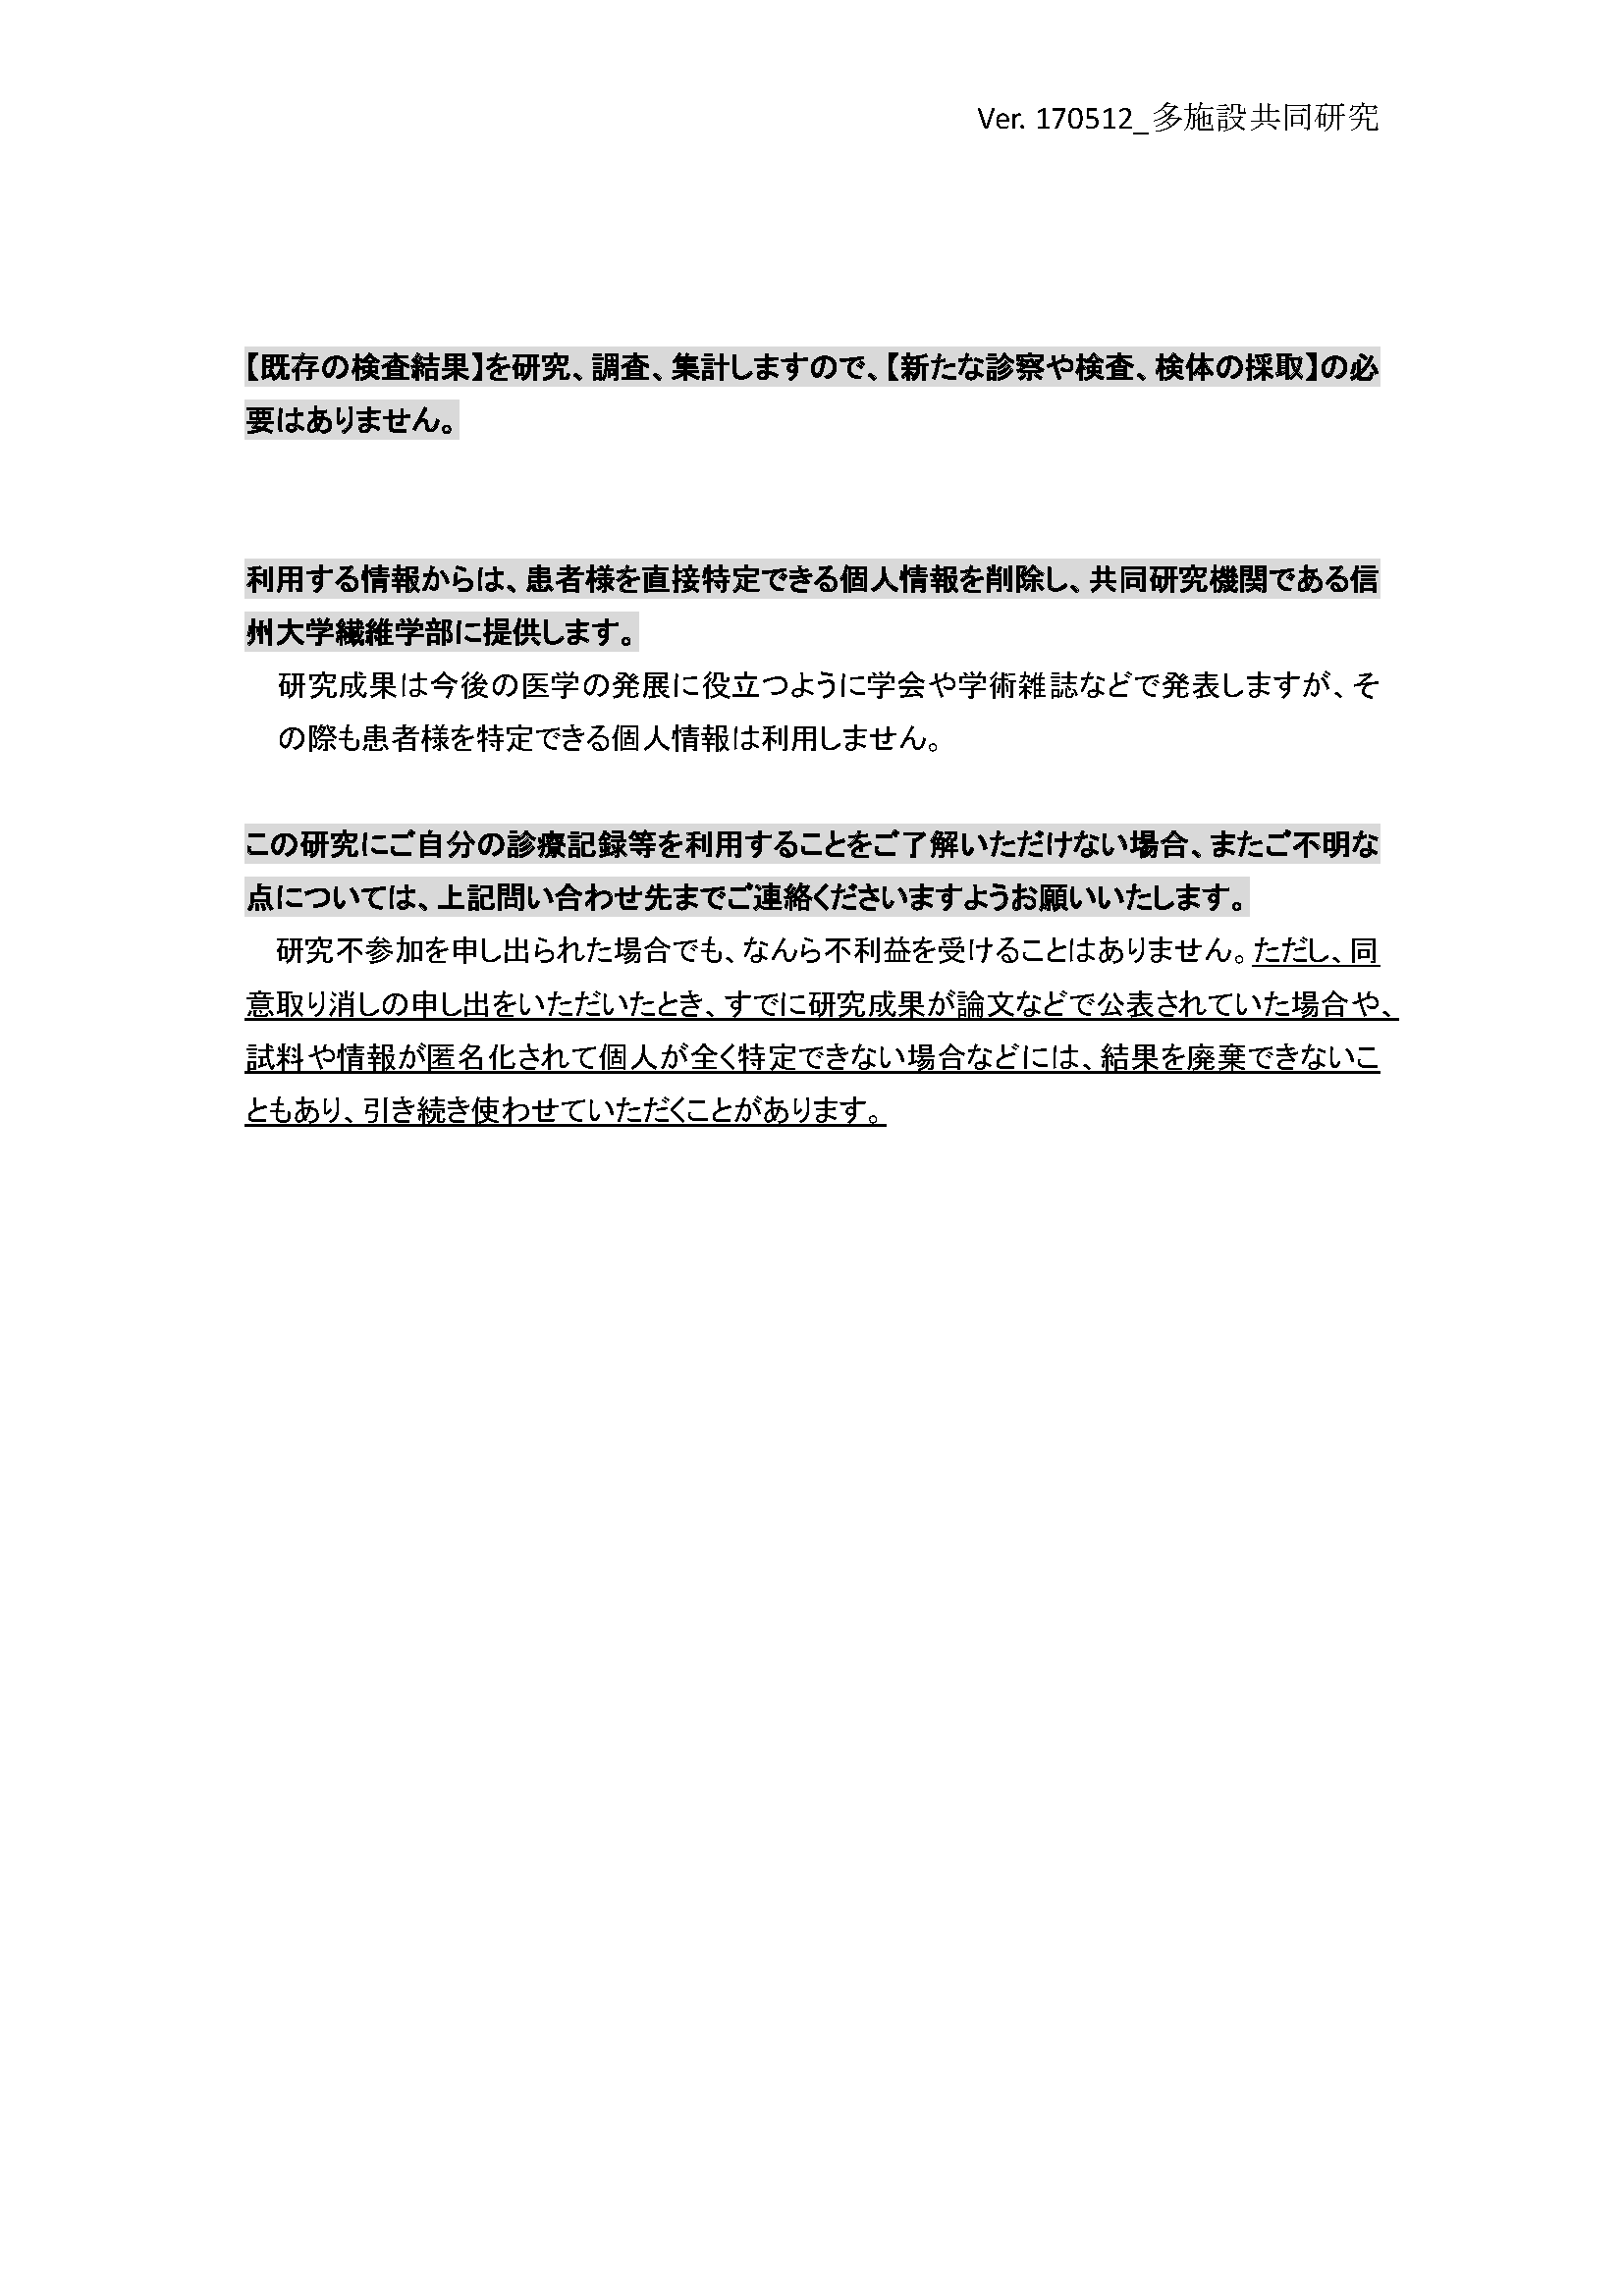 情報公開用オプトアウト文書(多施設共同研究:提供を行う場合)市立大町総合病院用0427_ページ_2.png